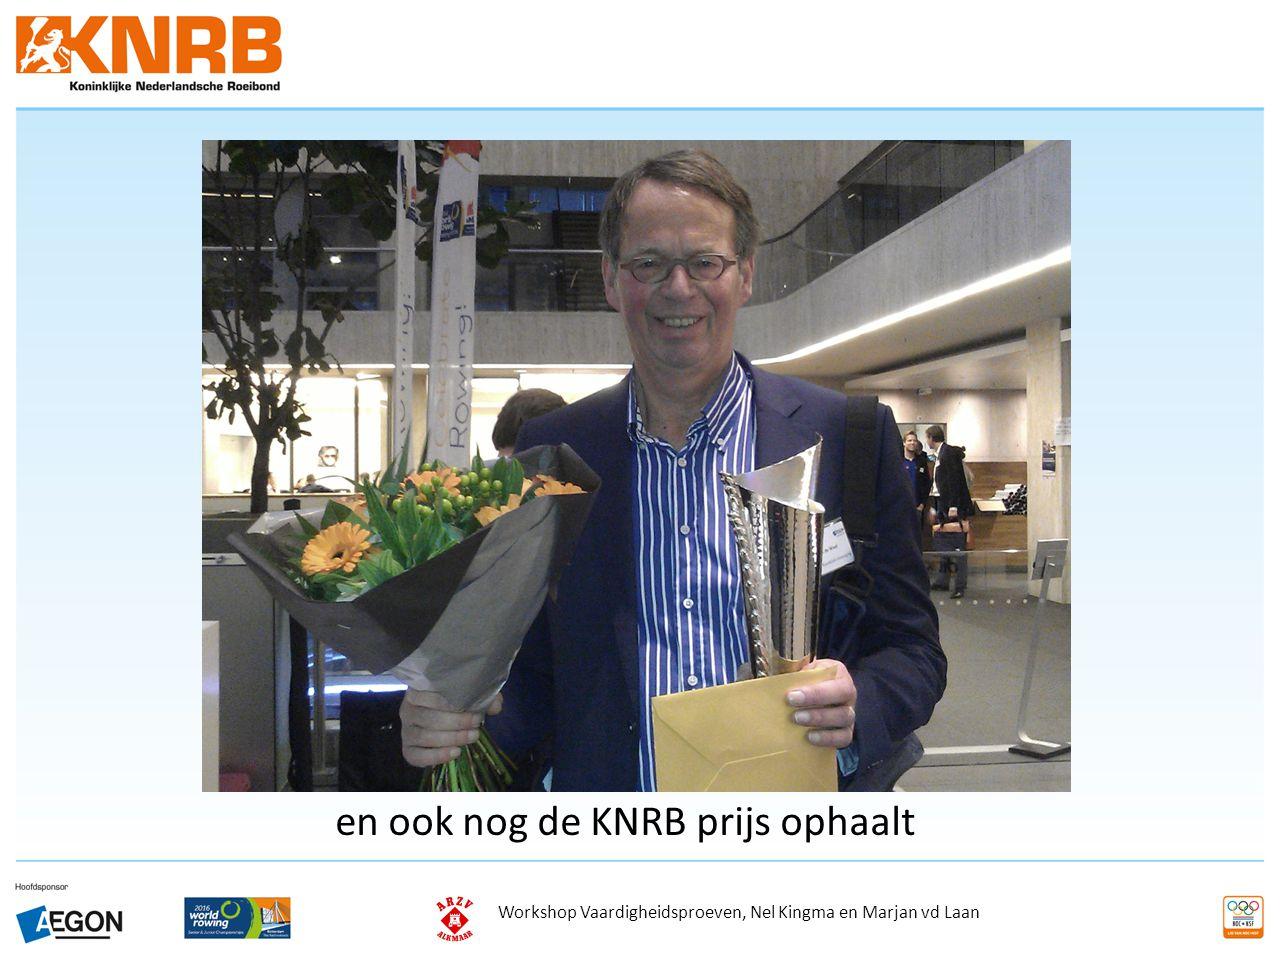 en ook nog de KNRB prijs ophaalt